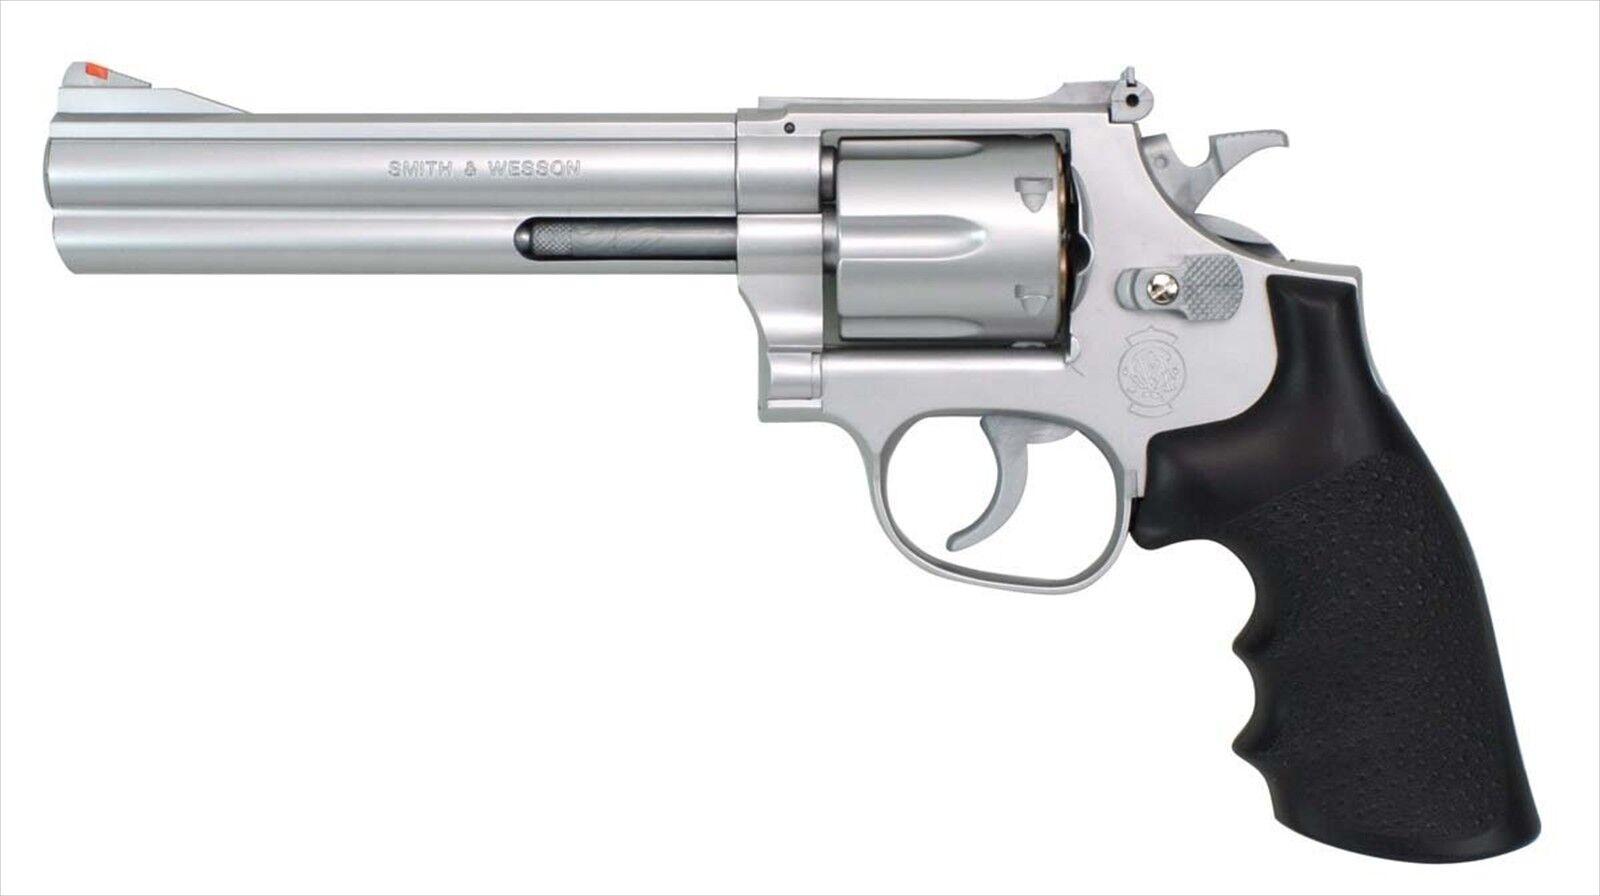 barato S&W M686 357 Magnum 6 in (approx. 15.24 cm) Plata Plata Plata Hop Up pistola de aire No7 Corona Modelo Japan F S  Venta en línea precio bajo descuento